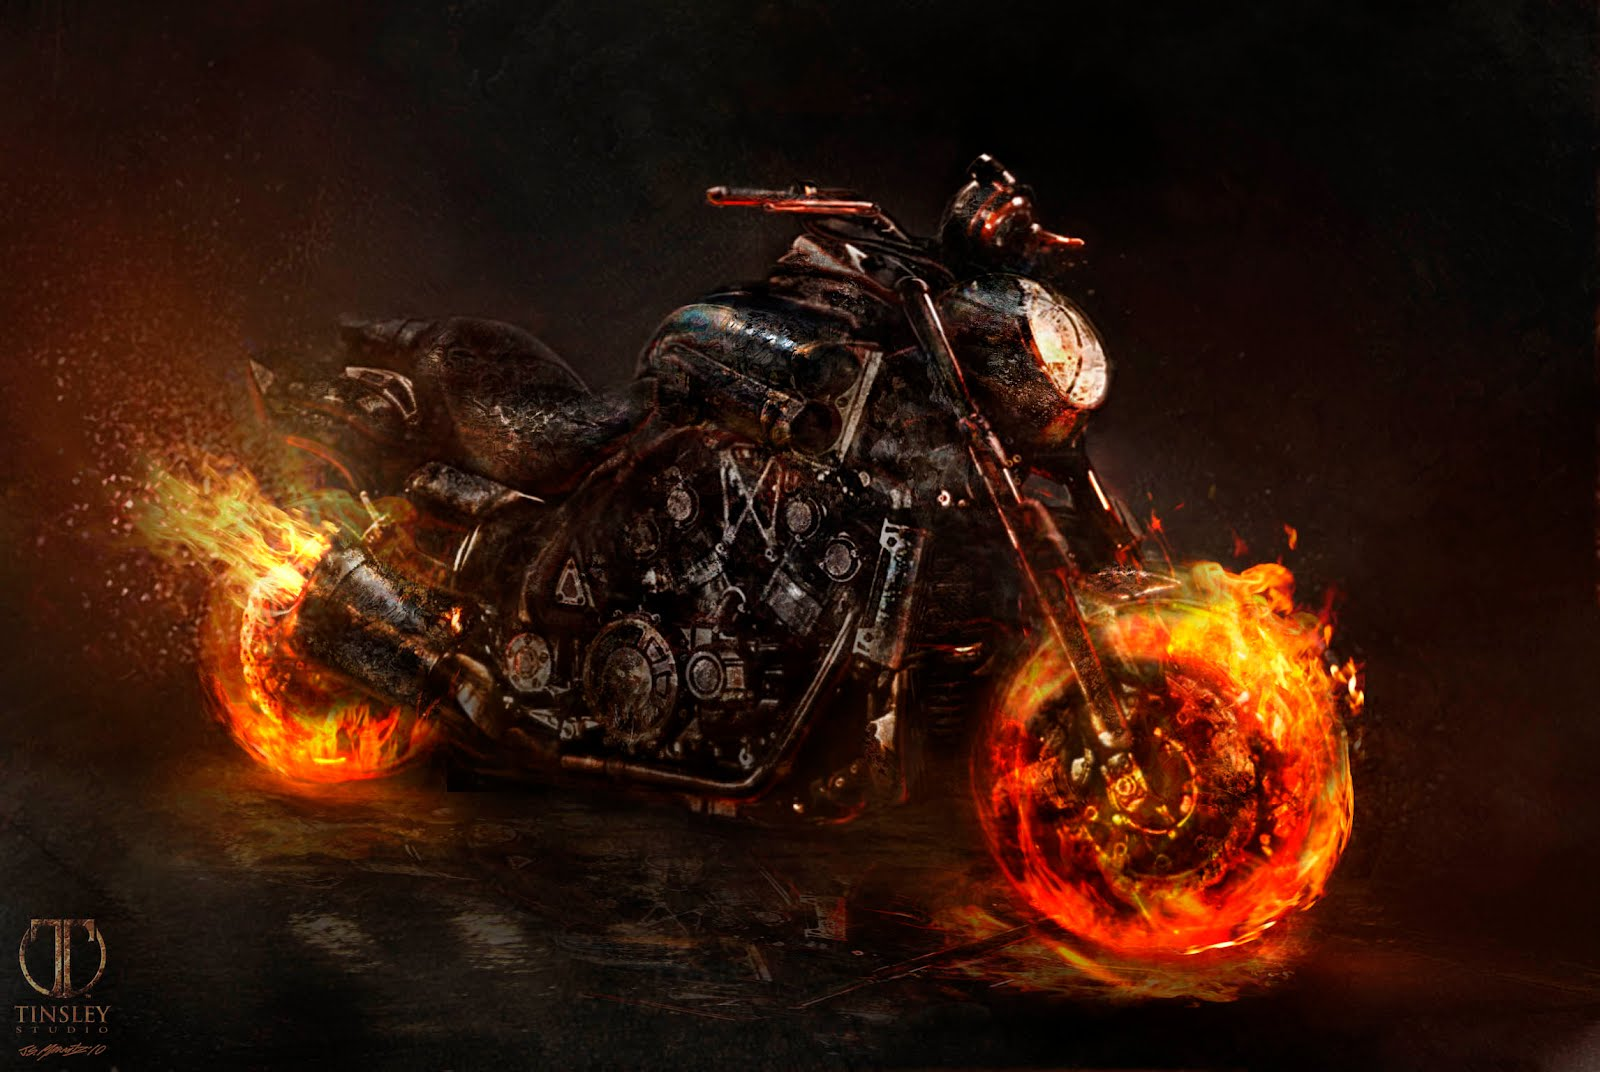 Blue Book Bikes >> Ghost Rider Spirit of Vengeance designs.